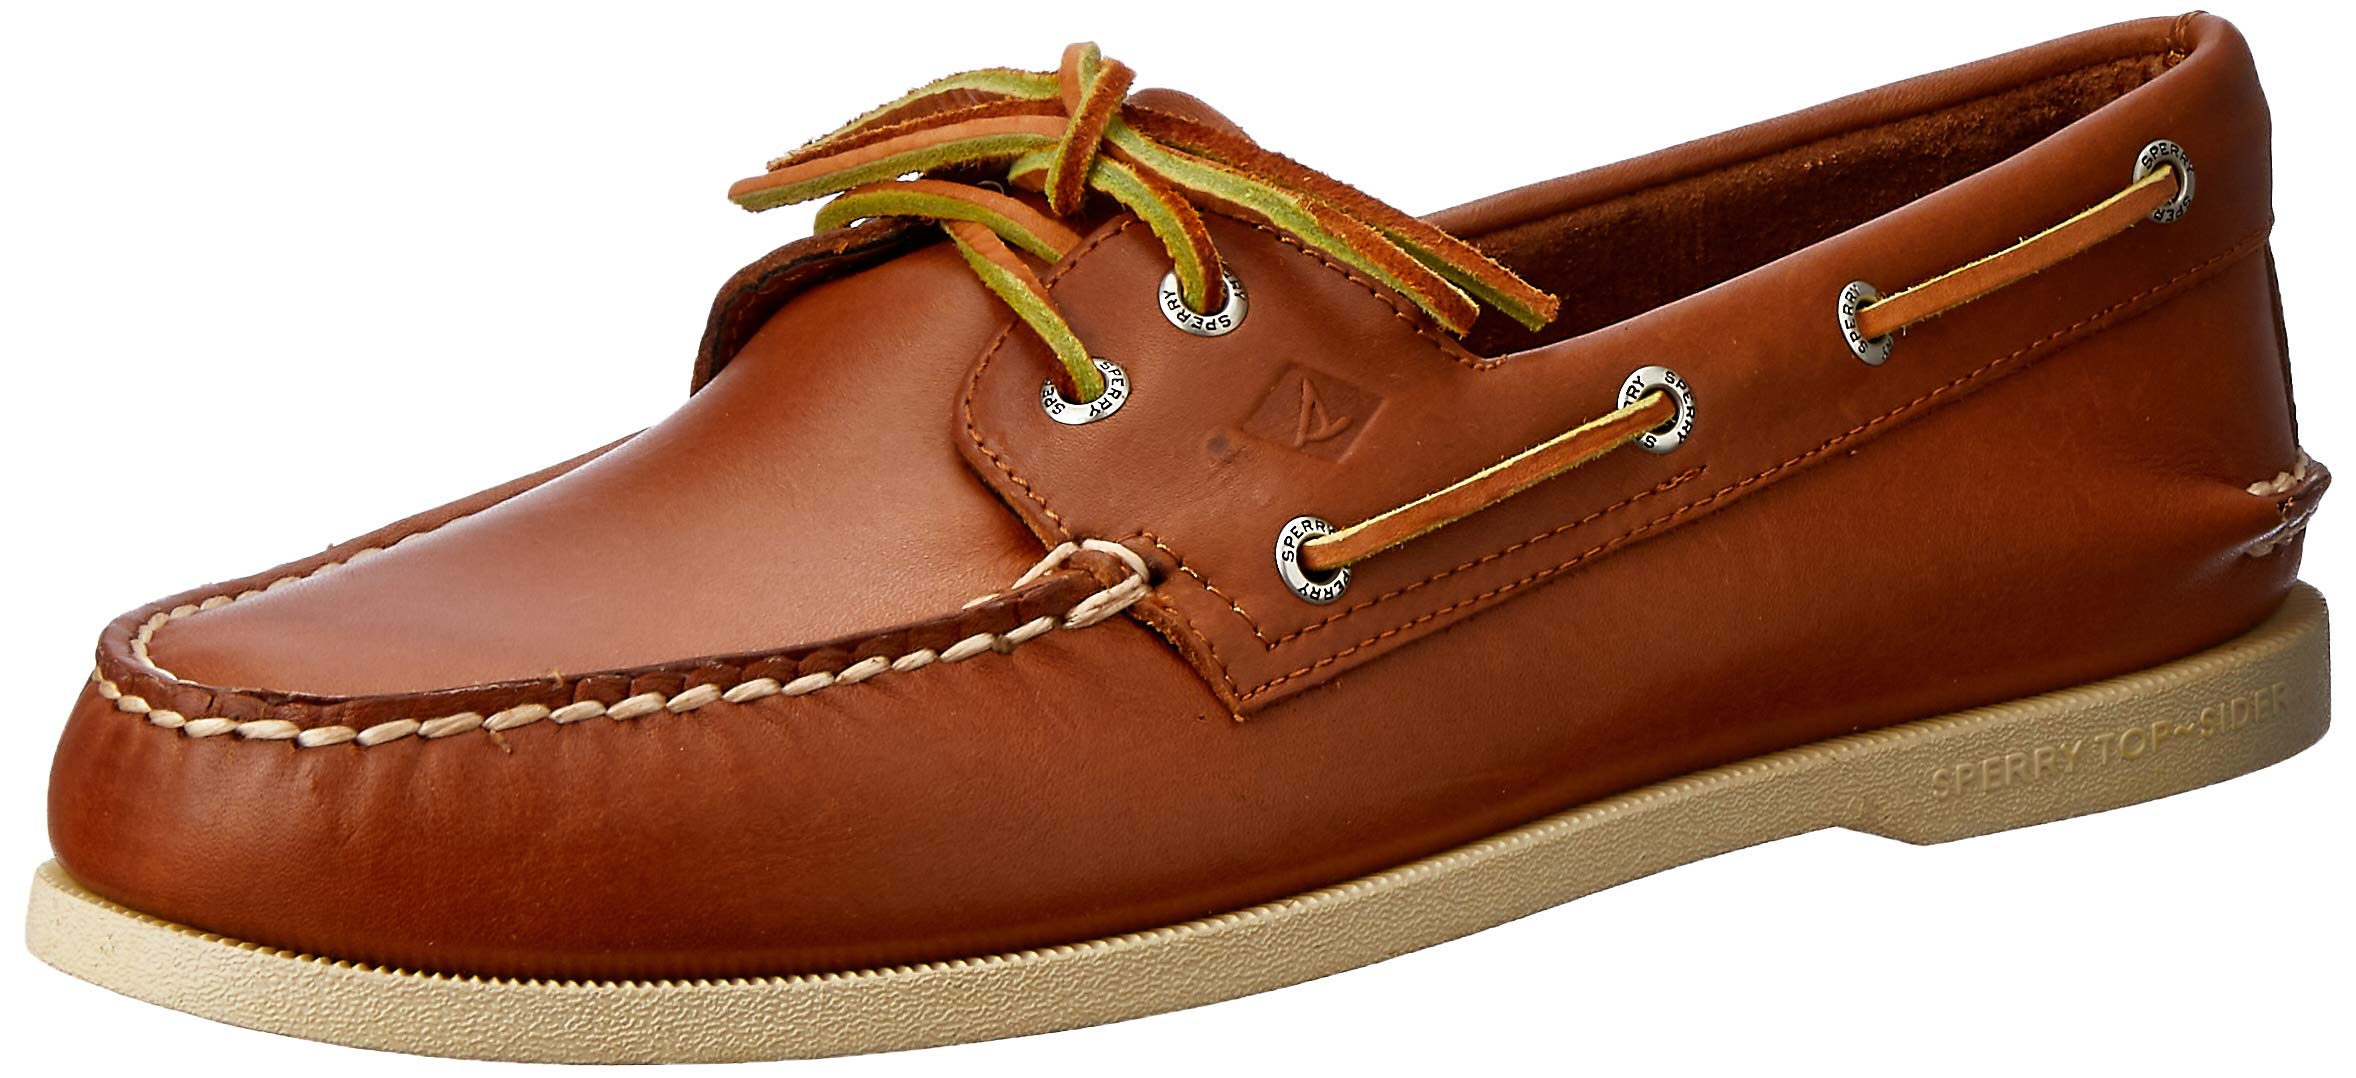 Sperry Top-Sider Men's A/O 2 Eye Tan Boat Shoe 11.5 W (EE)